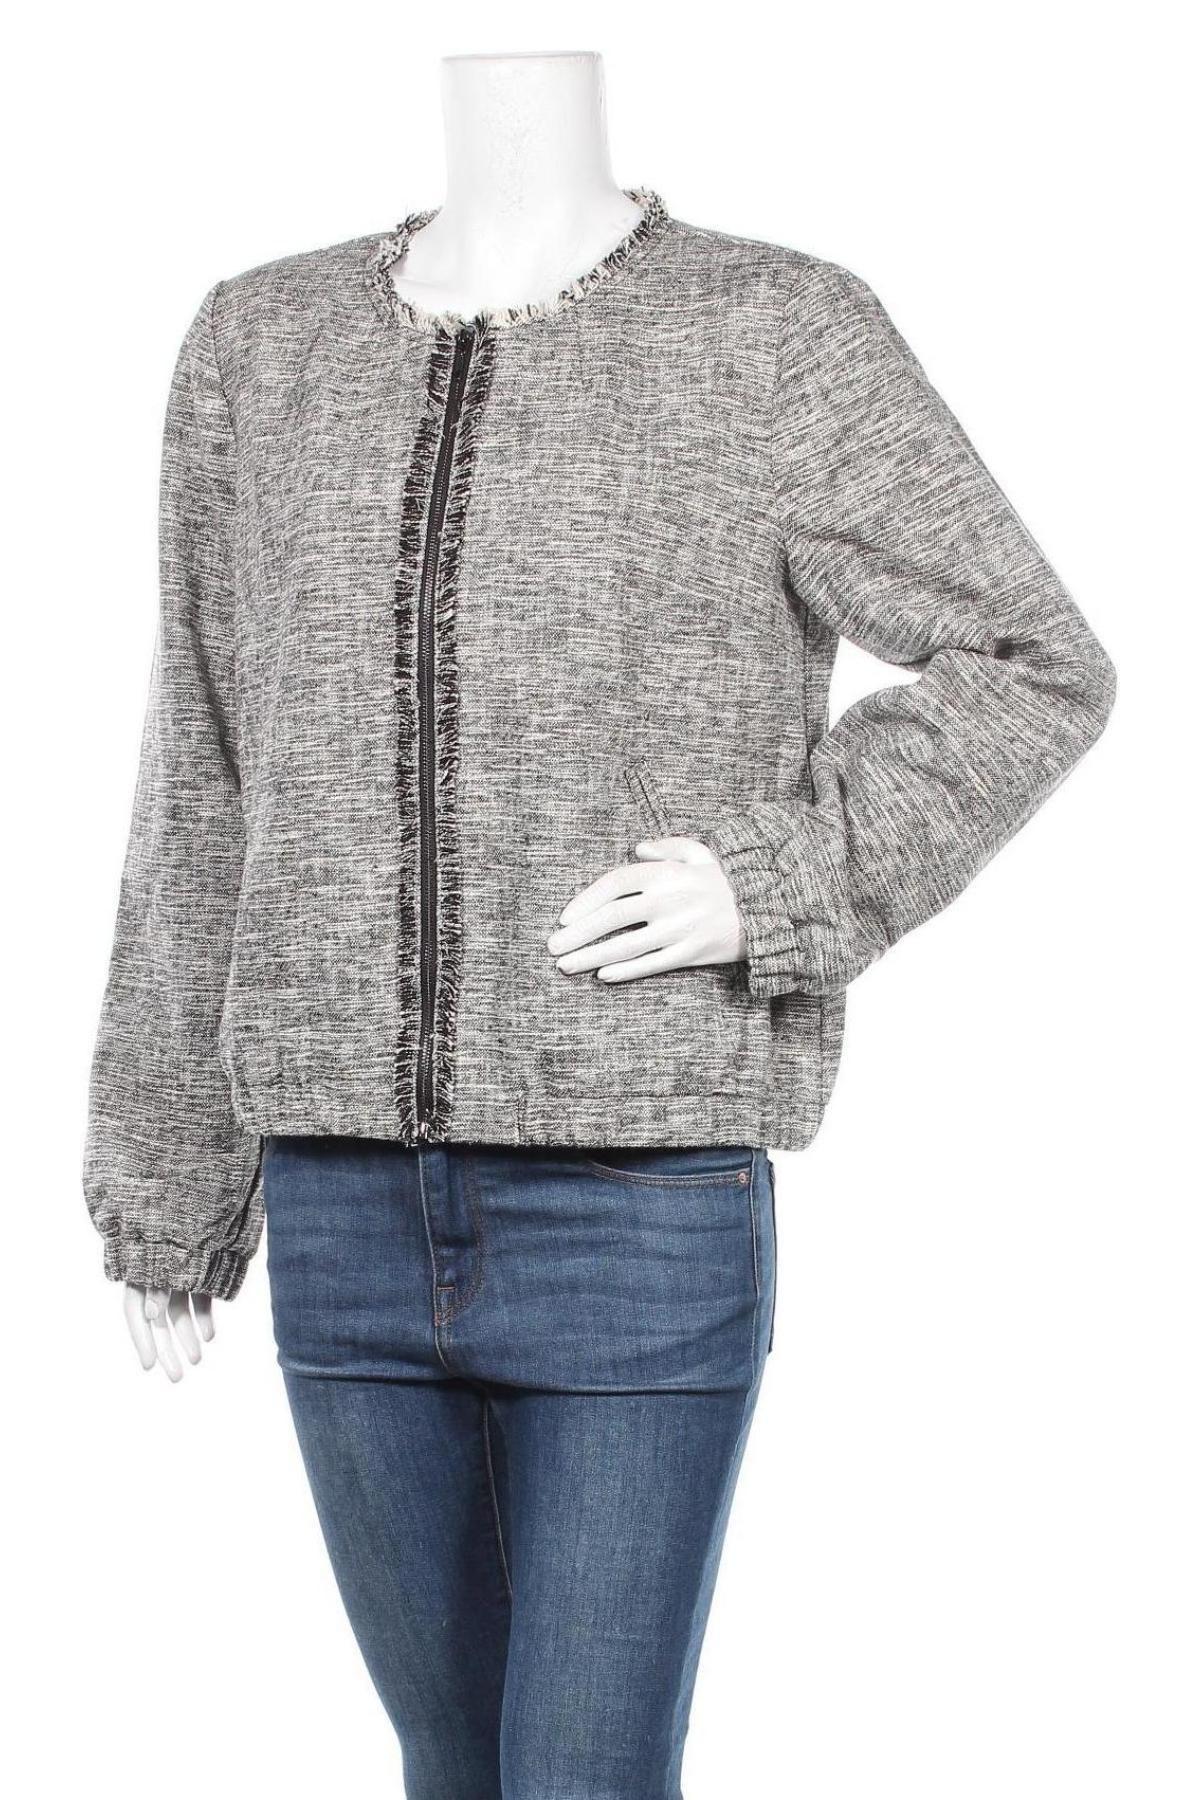 Дамско яке Jacqueline Riu, Размер XL, Цвят Сив, 61% памук, 27% акрил, 11% полиамид, 1% еластан, Цена 25,20лв.